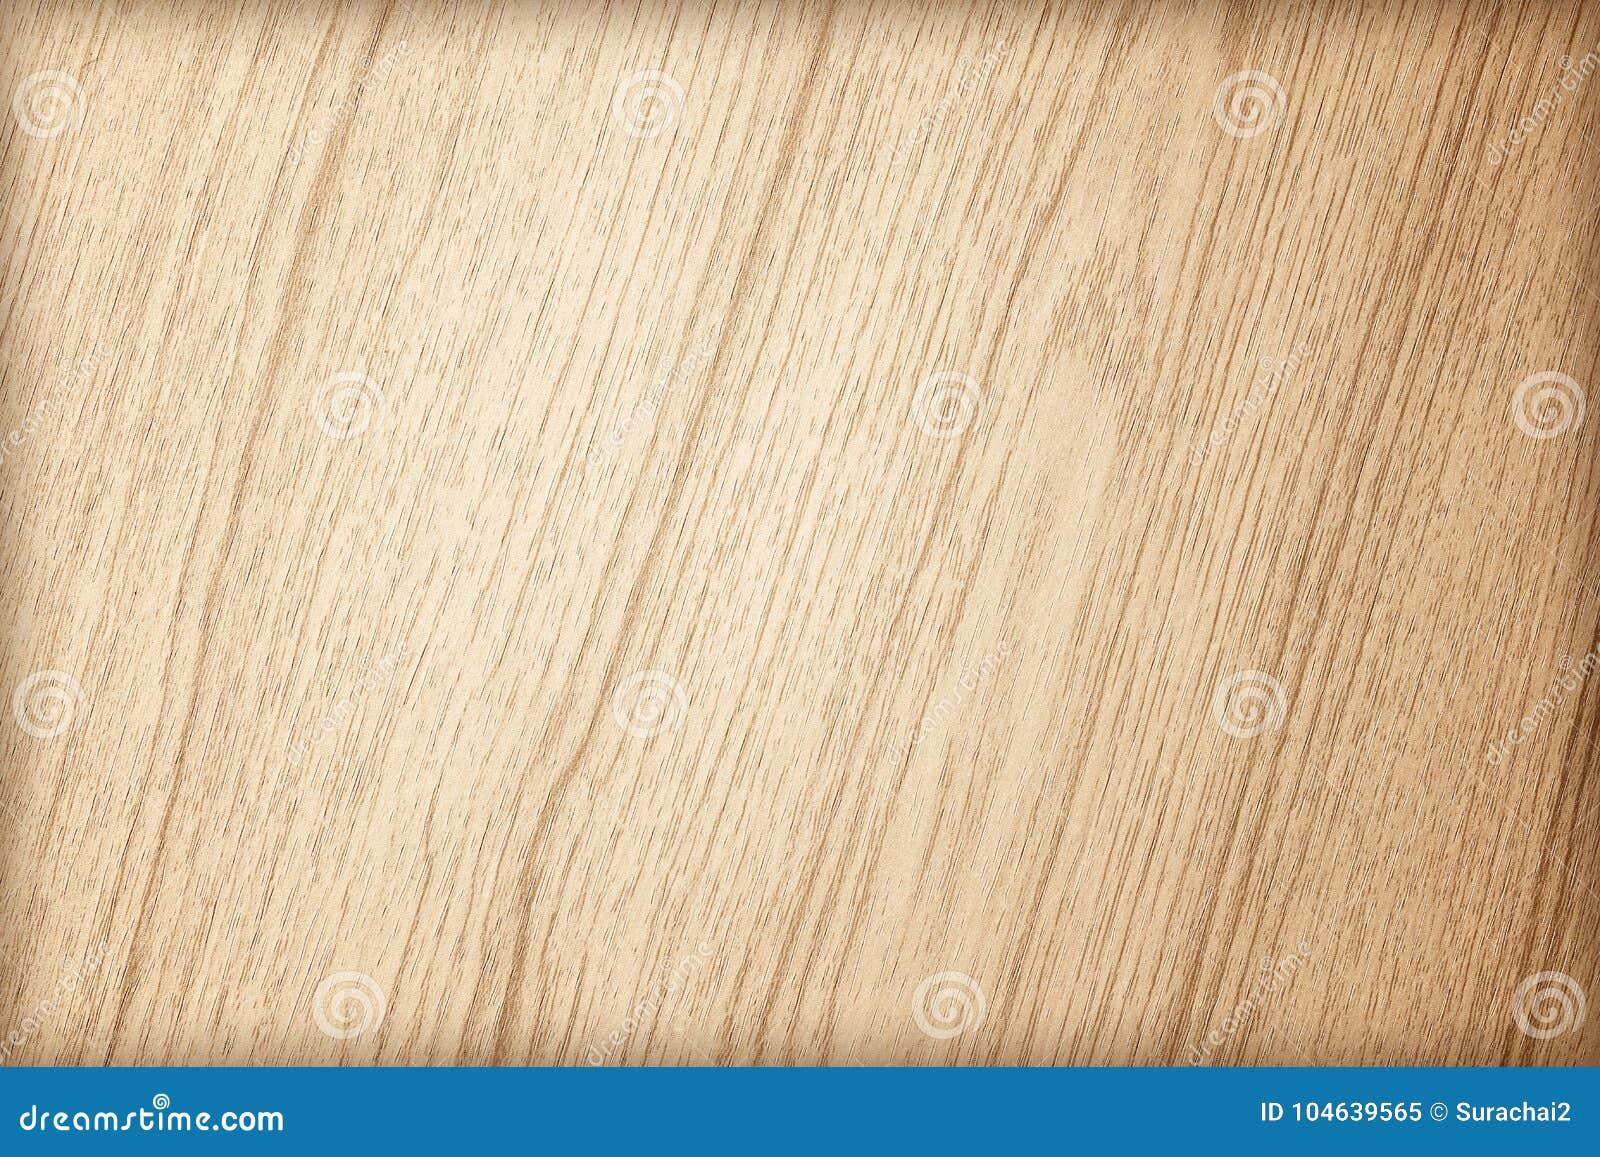 Download Houten Gelamineerde Textuur Met Natuurlijk Patroon Stock Afbeelding - Afbeelding bestaande uit binnenlands, patroon: 104639565